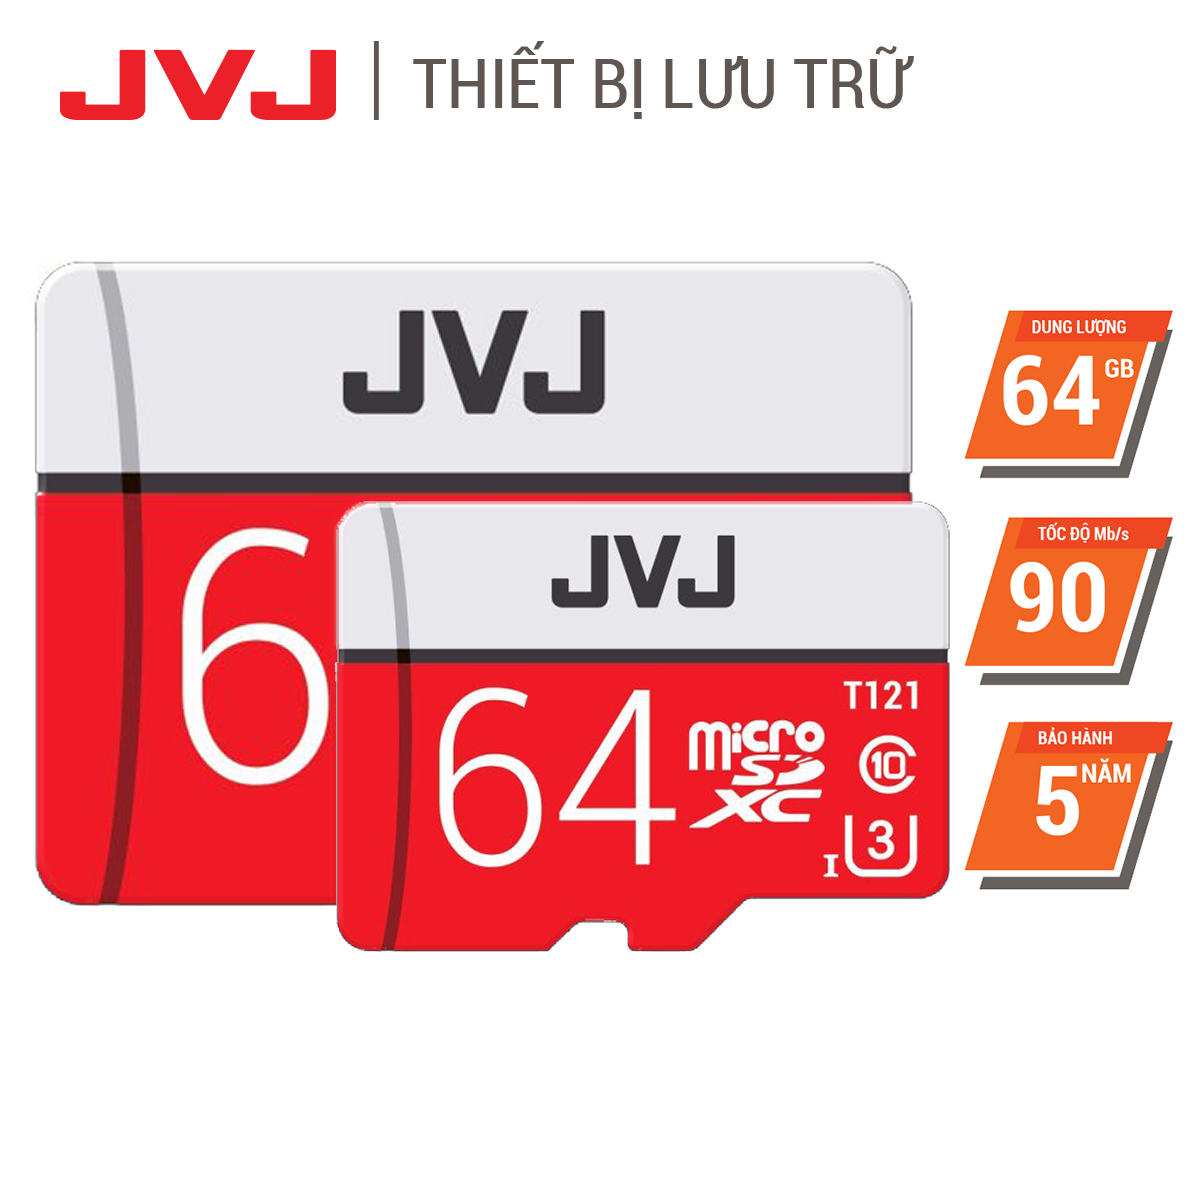 Combo 2 thẻ nhớ 64G class10 JVJ Pro Micro SDHC, tốc độ cao 96MB/s chuyên dụng cho camera wifi, camera hành trình, điện thoại, máy chơi game, chất lượng hình ảnh 4k tặng kèm gói bảo hành 5 năm đổi mới trong vòng 7 ngày, thẻ 64Gb